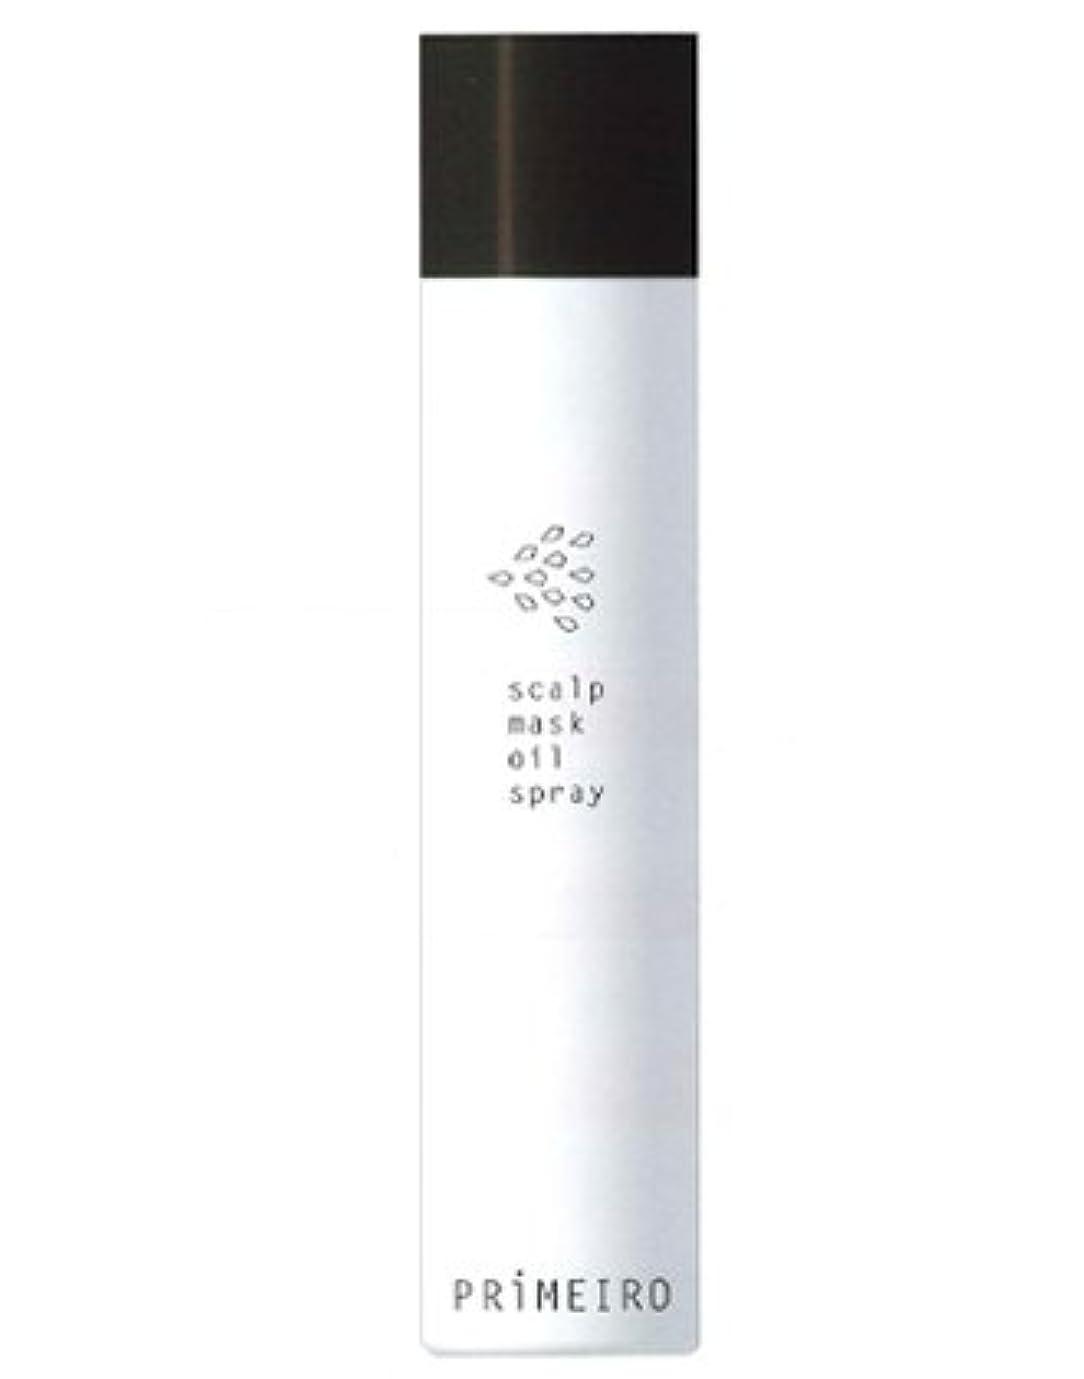 実験的厚くする行動堀井産業 プリメーロスキャルプマスクオイルスプレー 170g